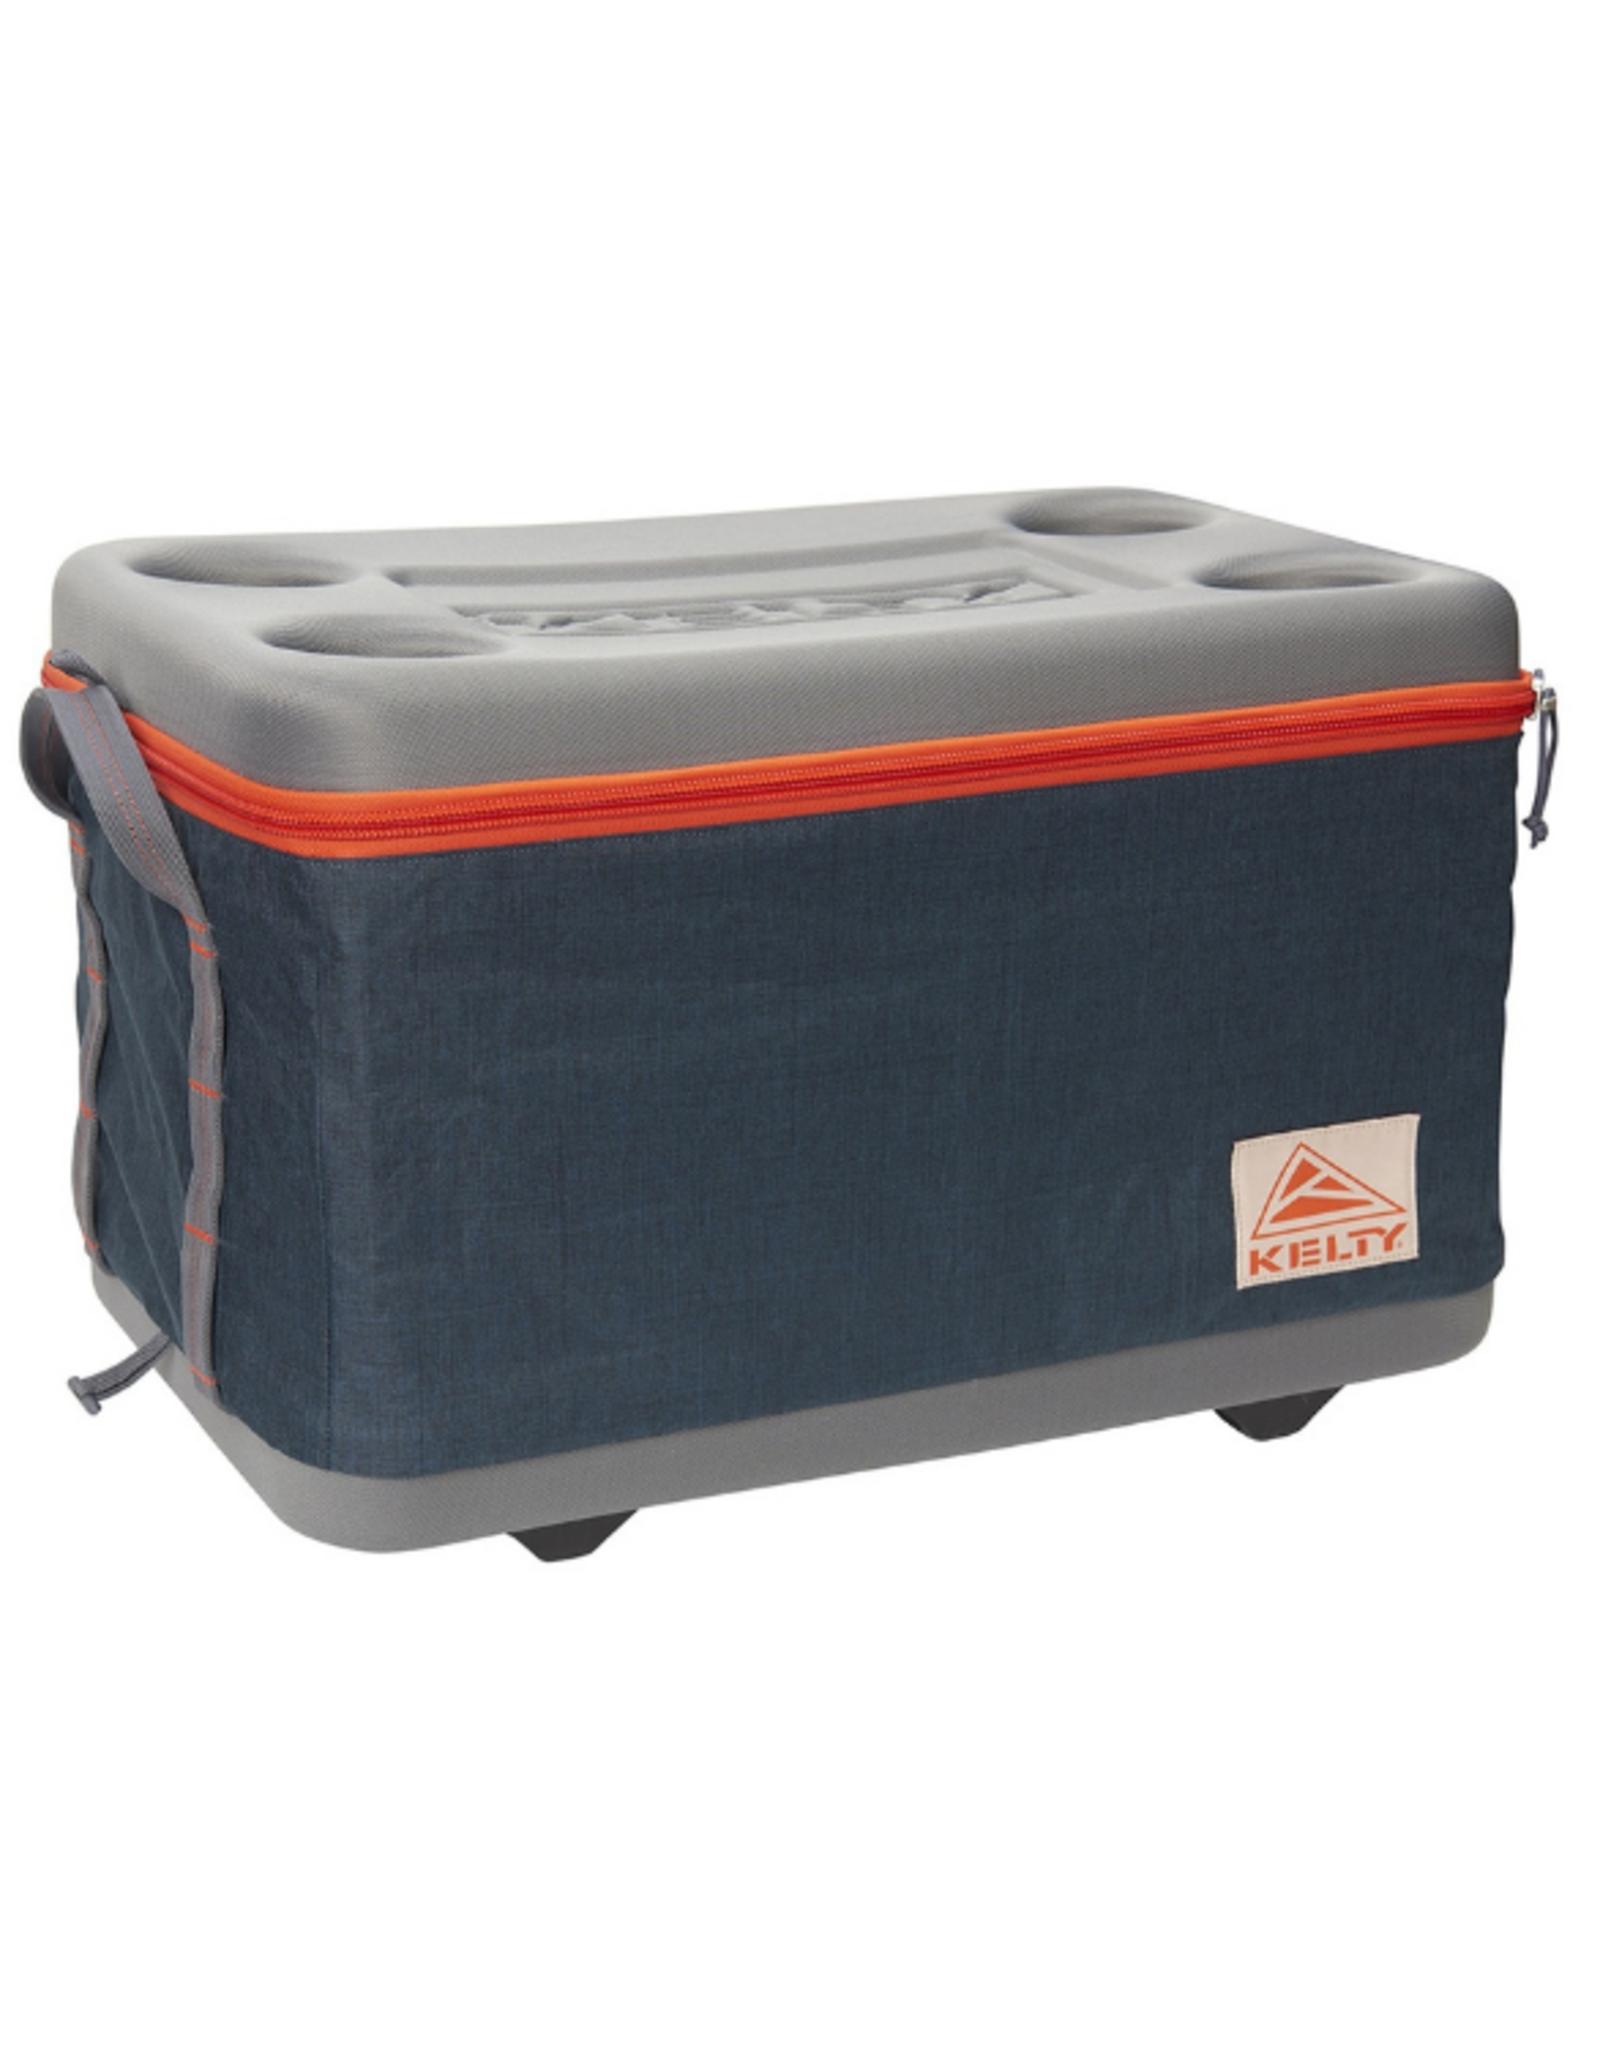 Kelty Kelty Folding Cooler 45